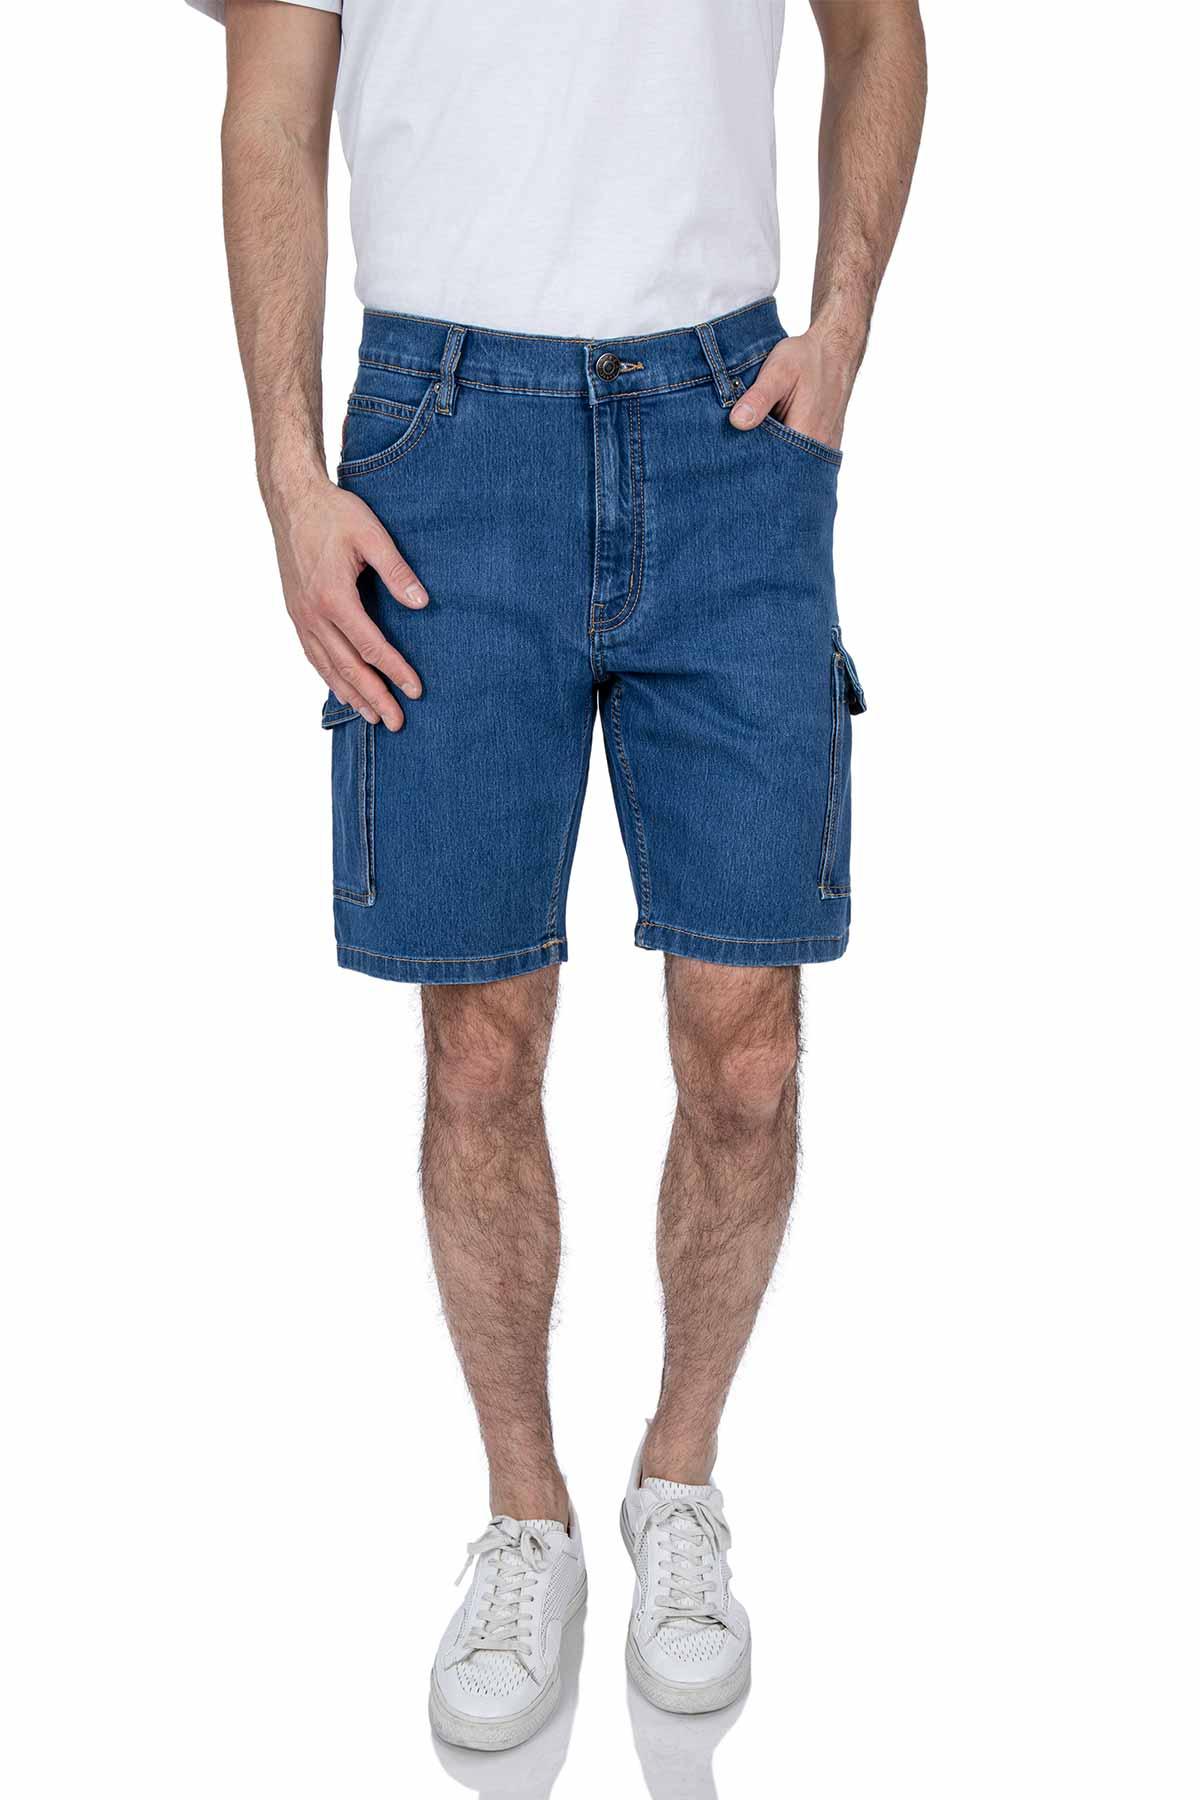 Herren Cargoshorts mit Seitentaschen im Jeans Design Jeep